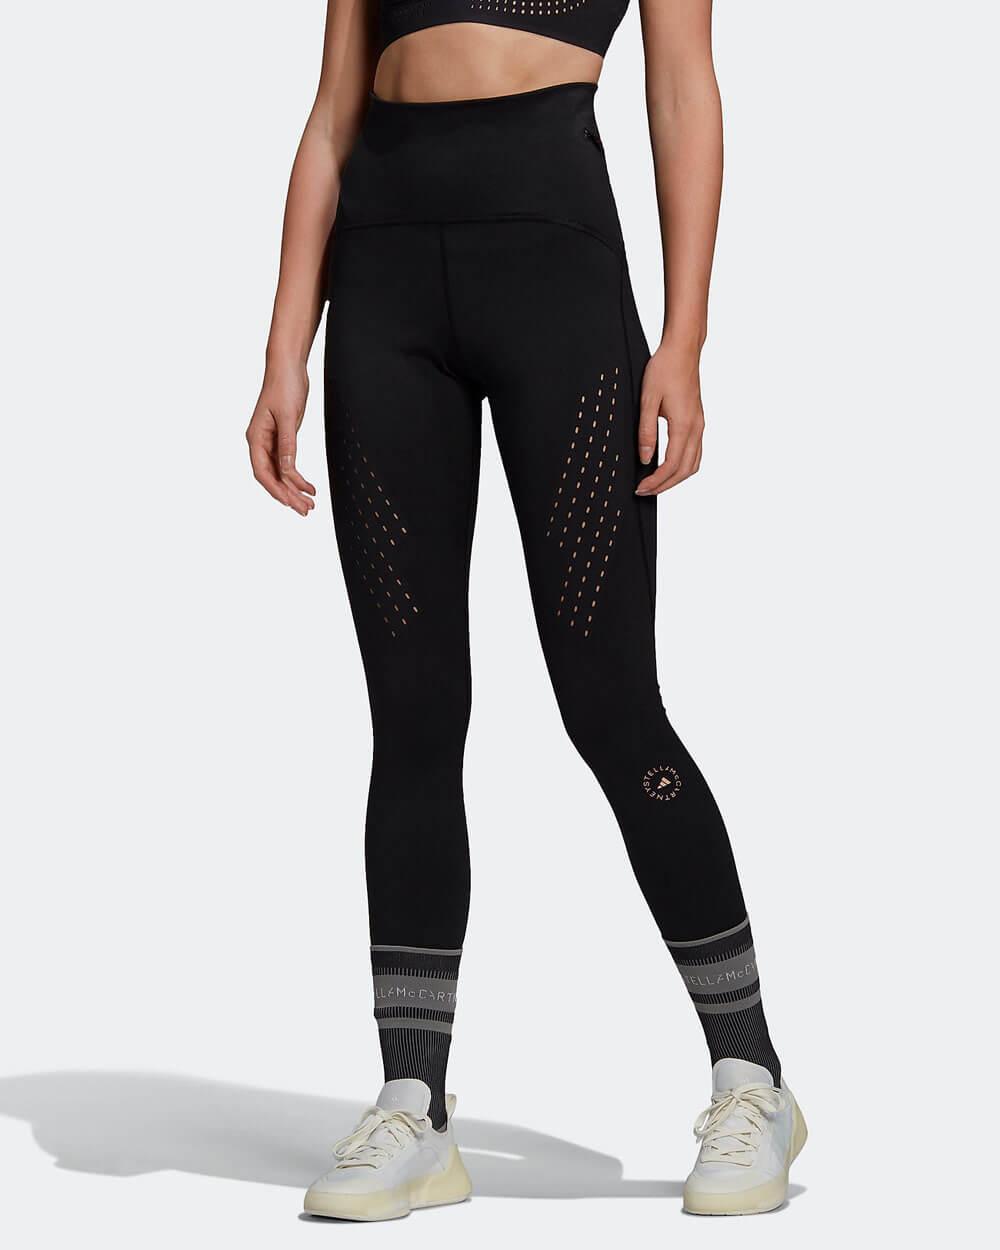 Stella McCartney x Adidas leggings